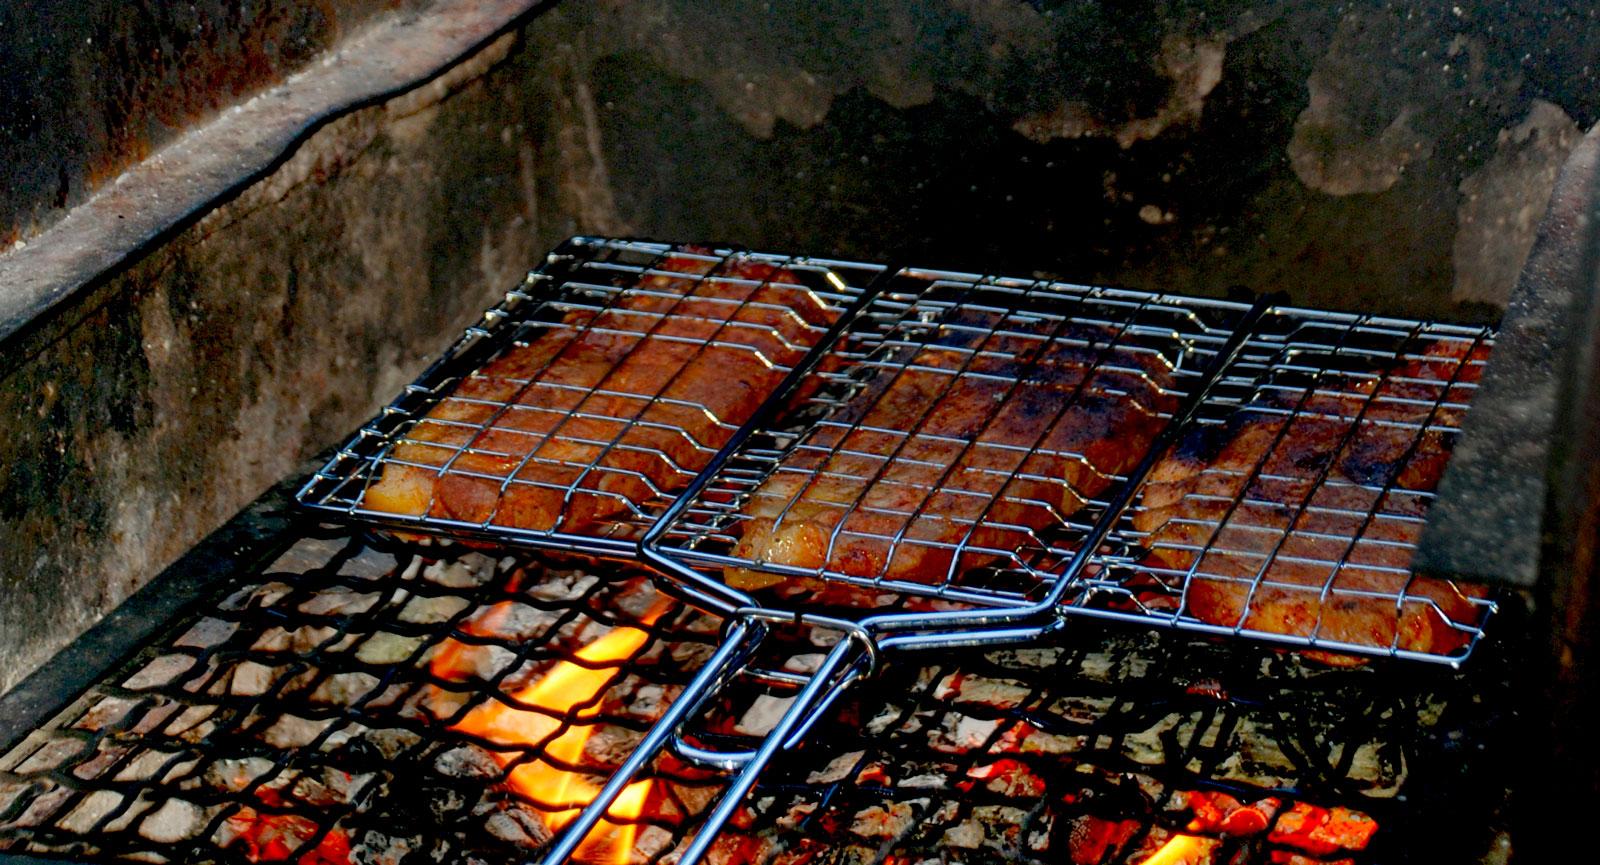 Eldstäderna utmed Sörmlandsleden är ofta murade och försedda med grillgaller. Här grillas fläskkarré till middagen.